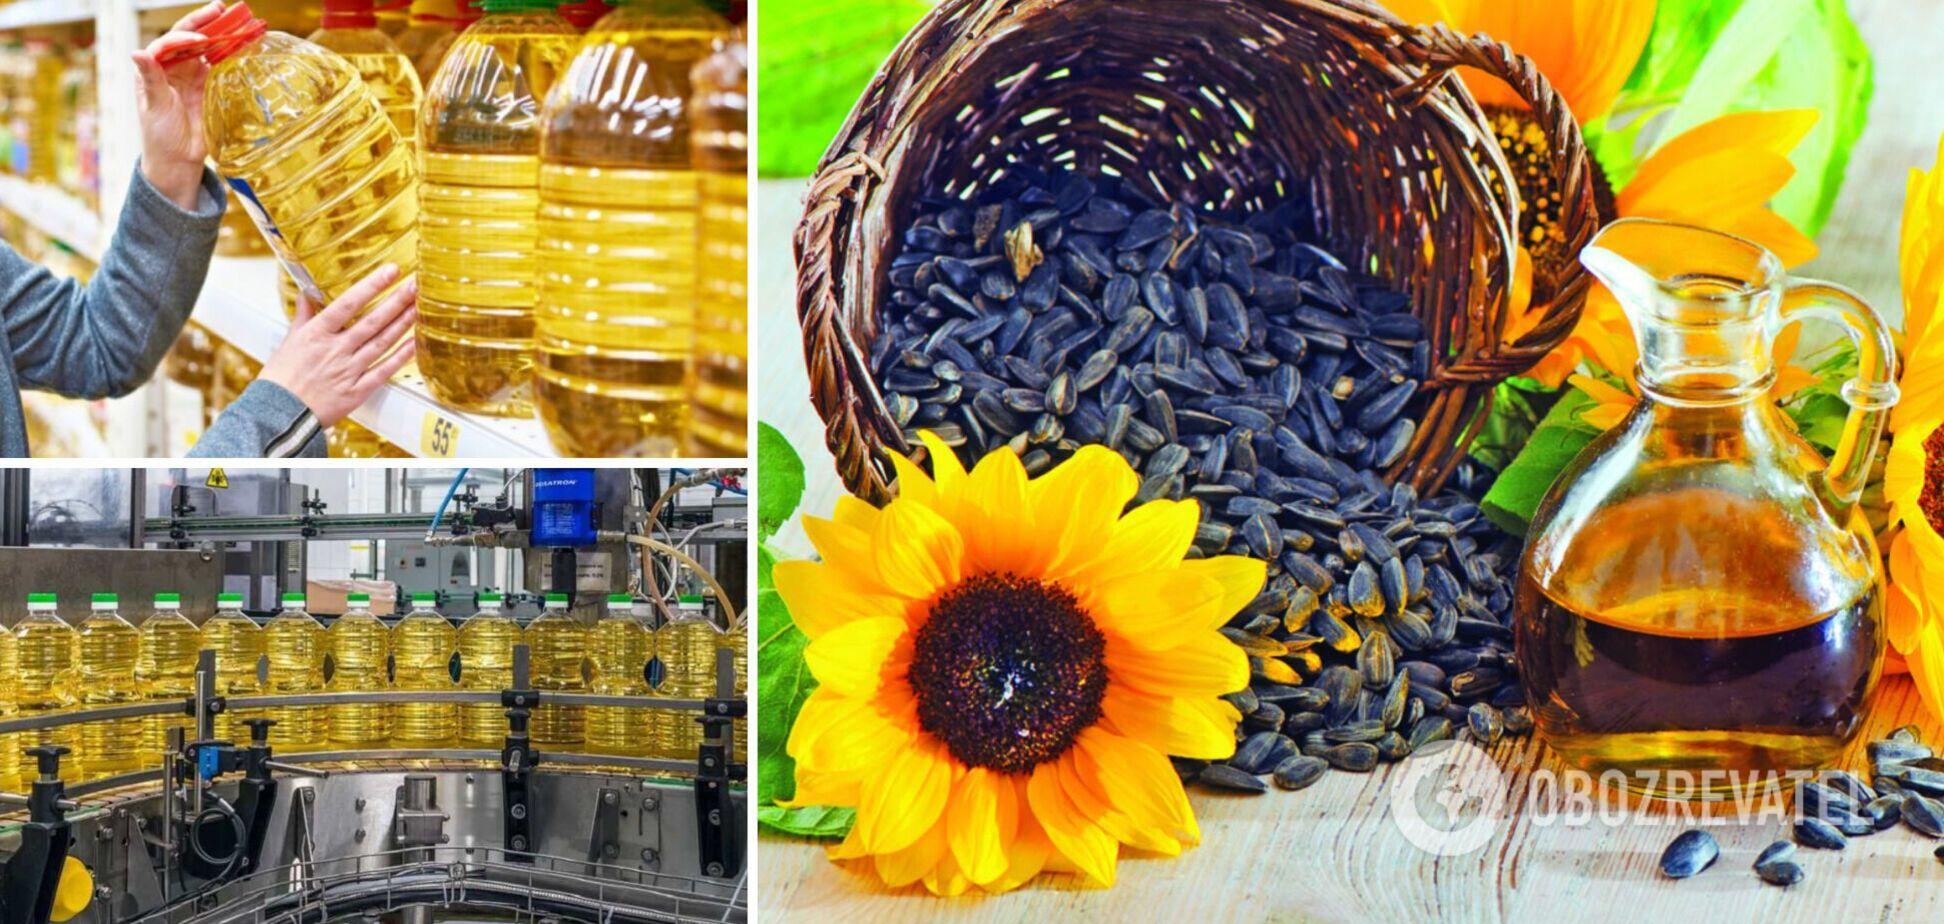 Ціна на соняшникову олію в Україні може злетіти понад 100 гривень